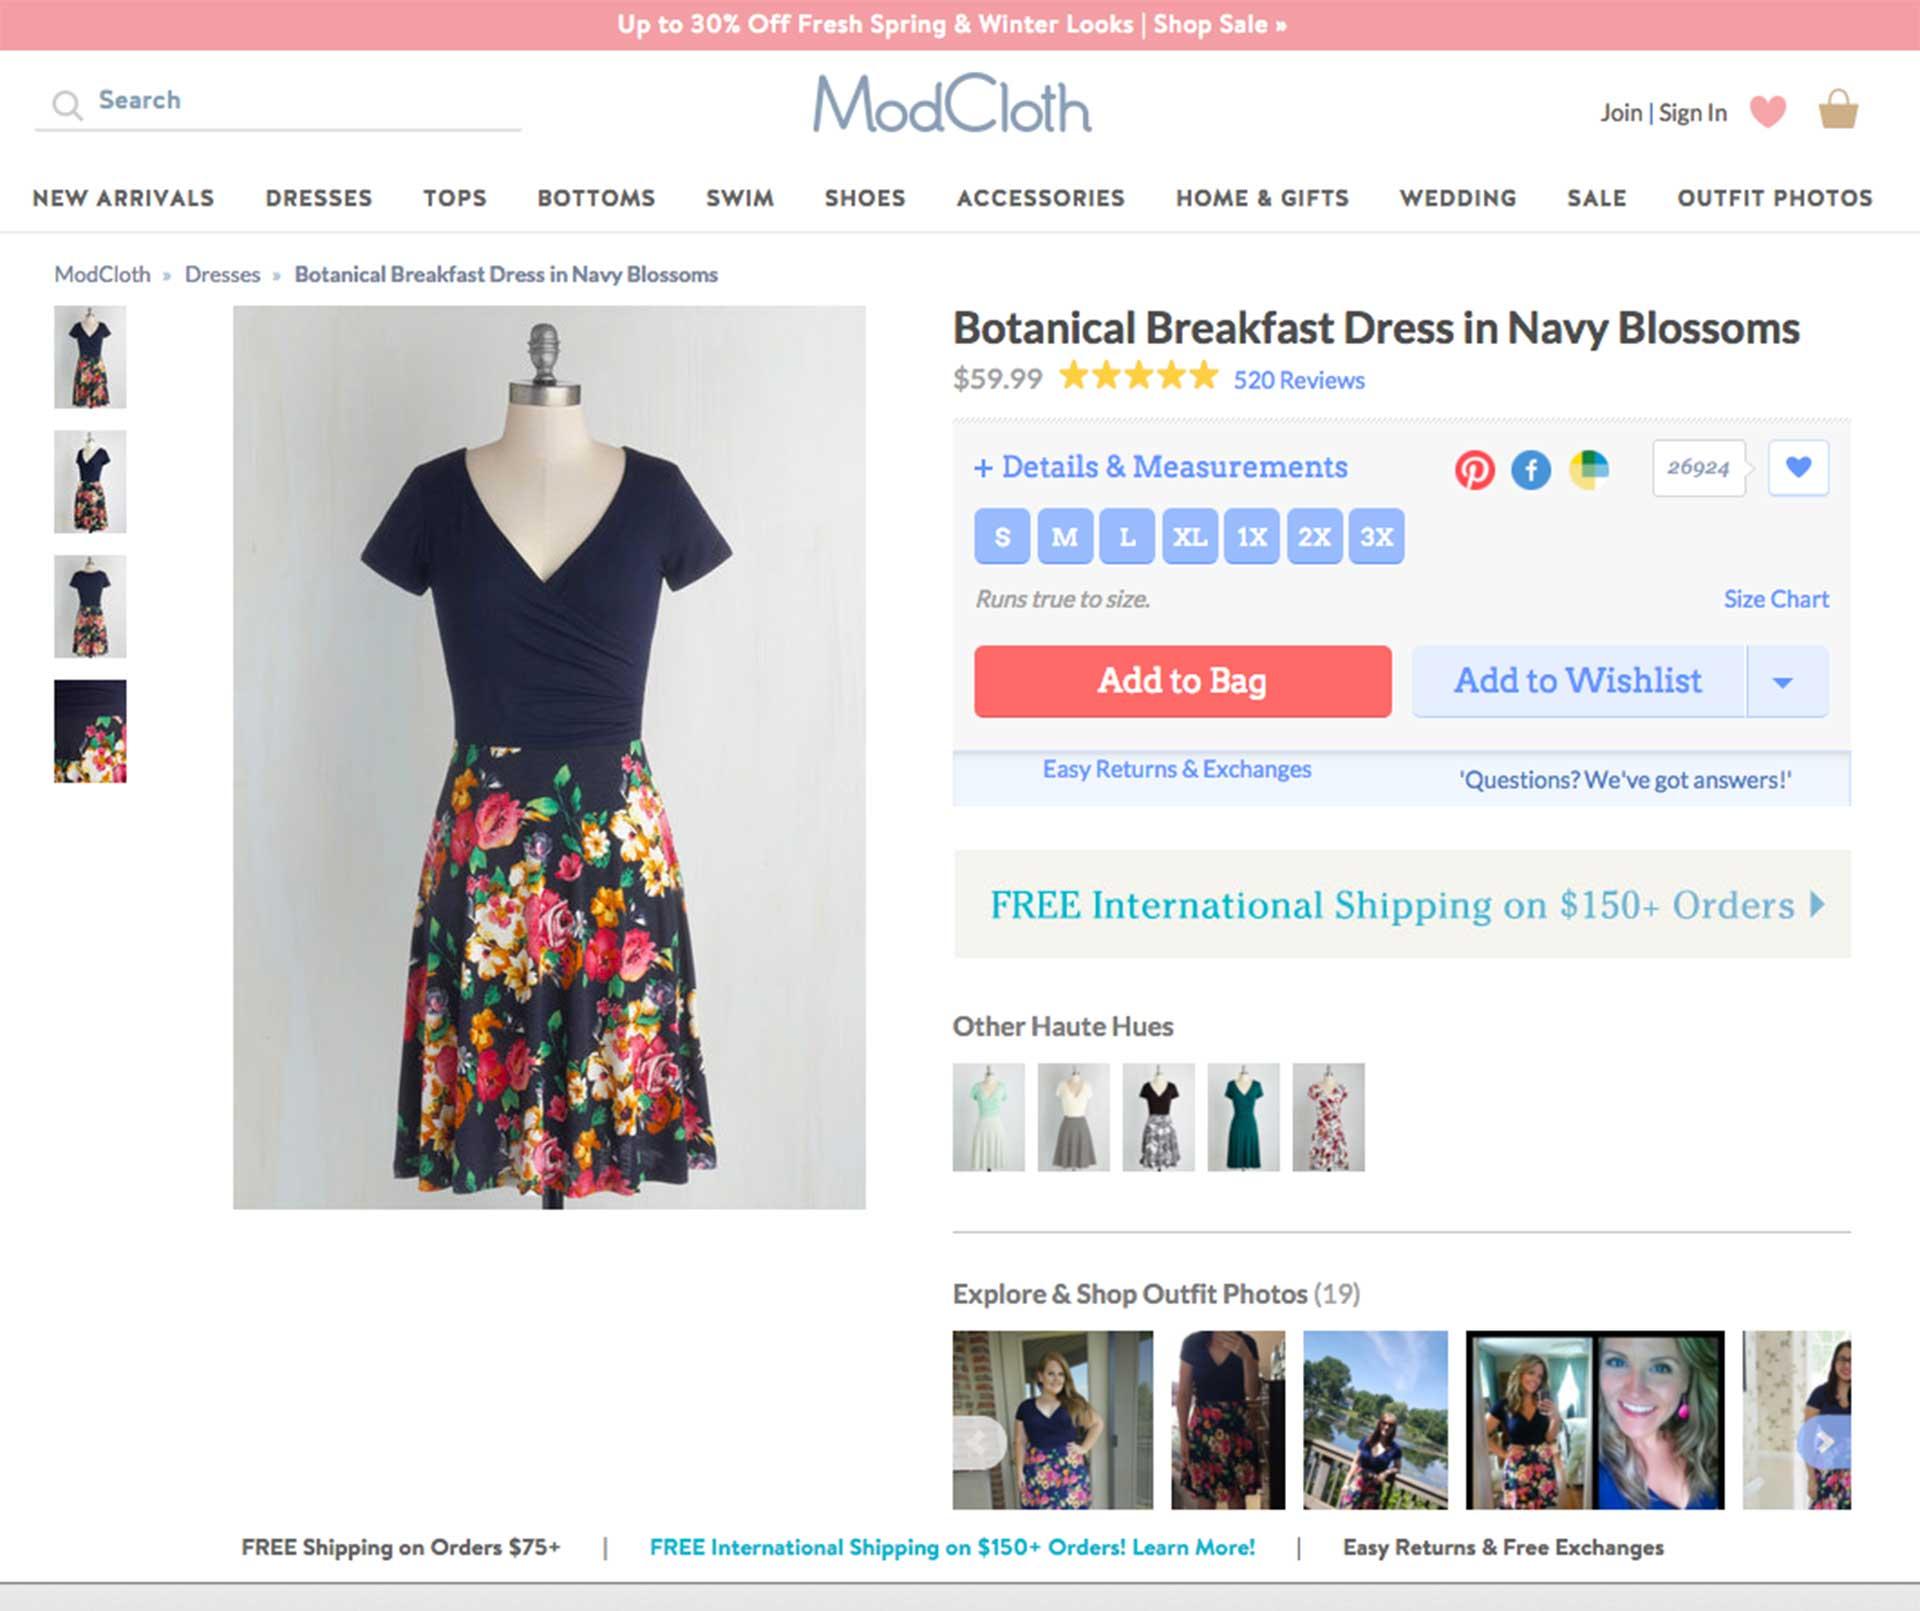 esempio scheda prodotto e-commerce moda modcloth